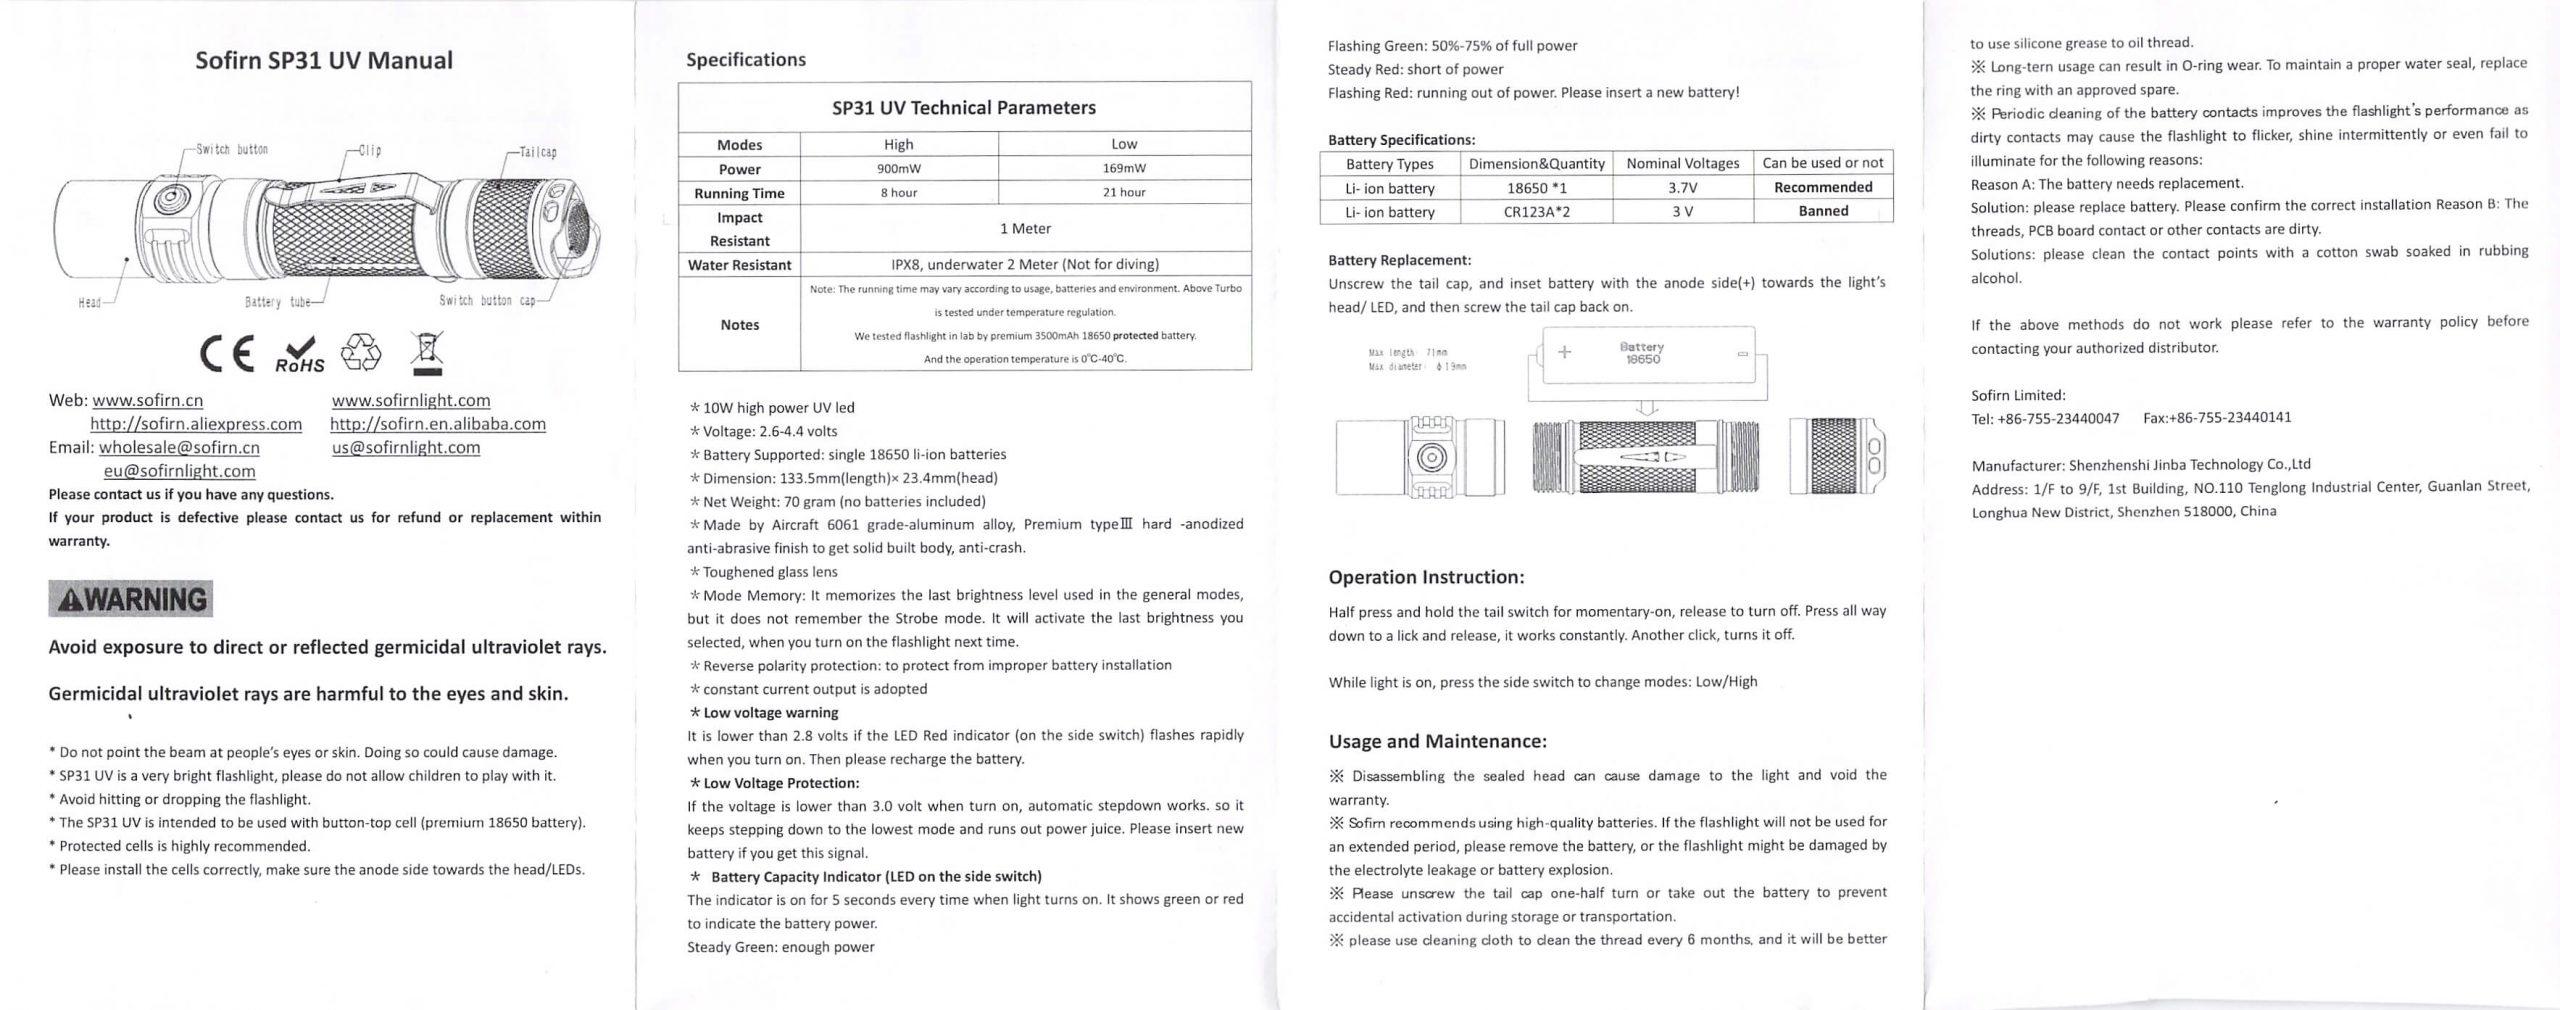 sofirn sp31uv ultraviolet 18650 flashlight manual